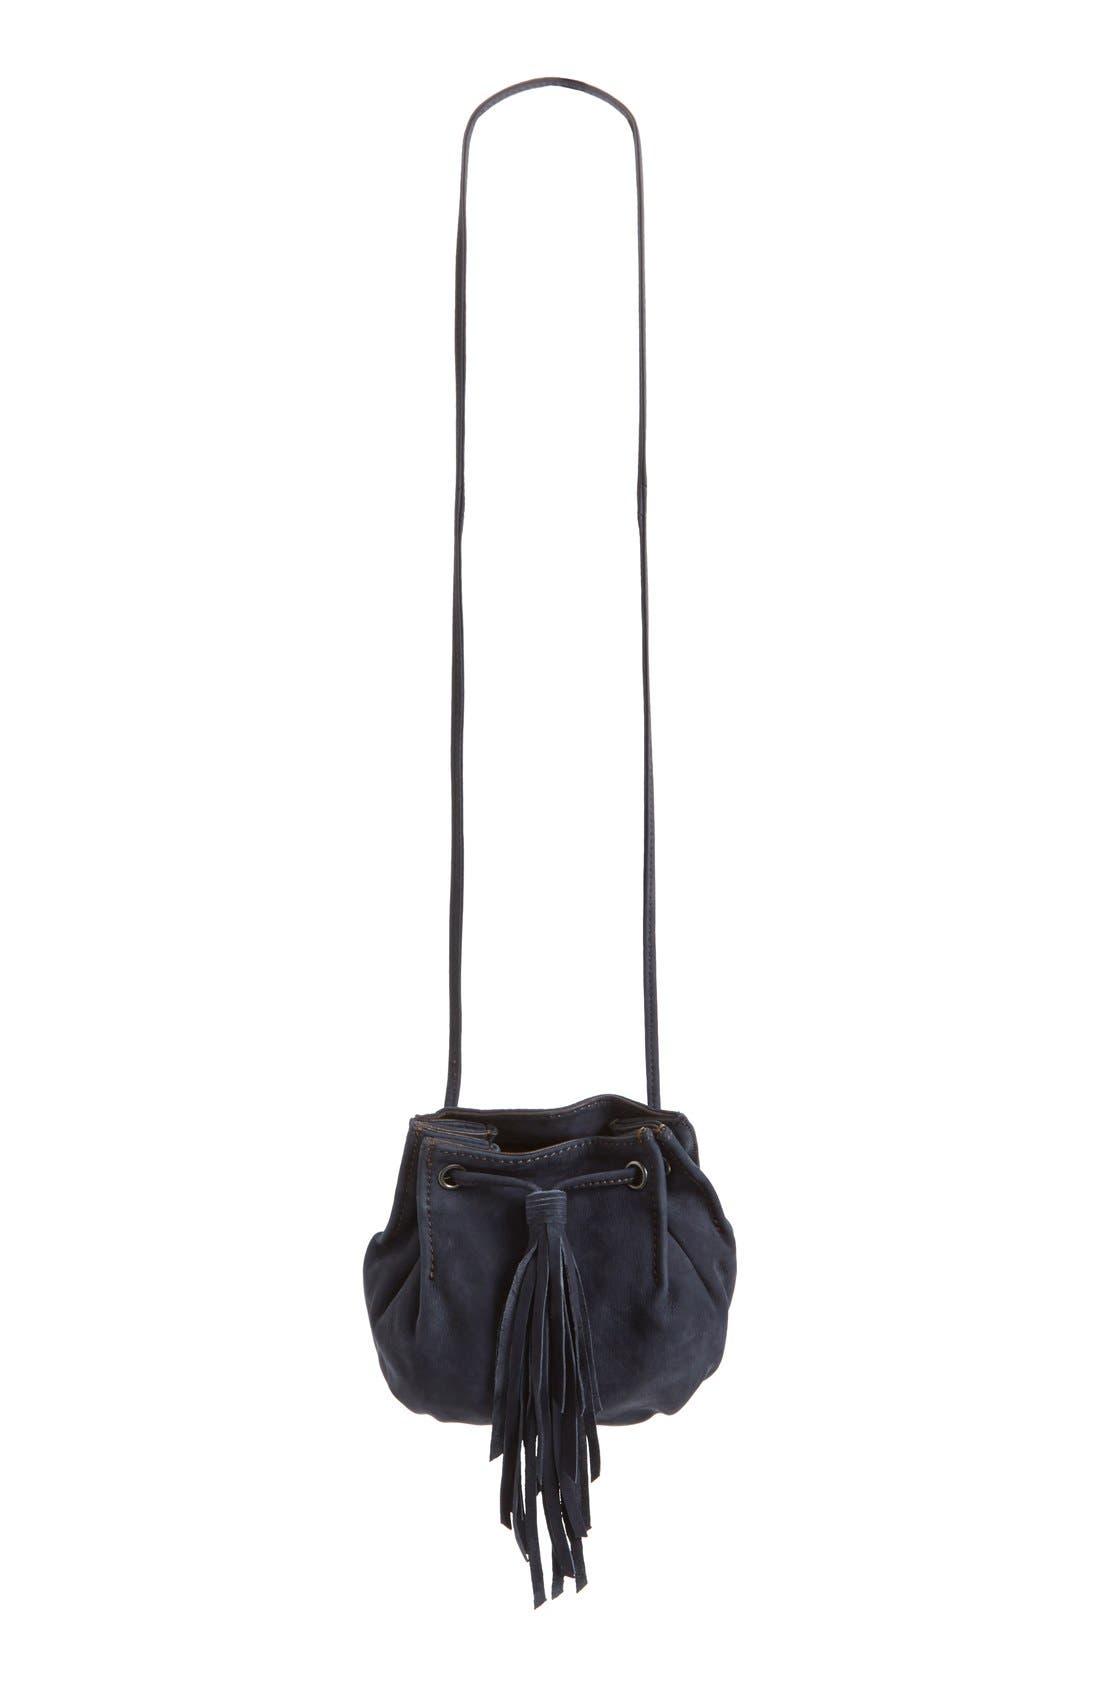 Alternate Image 1 Selected - Treasure&Bond Tasseled Leather Bucket Bag